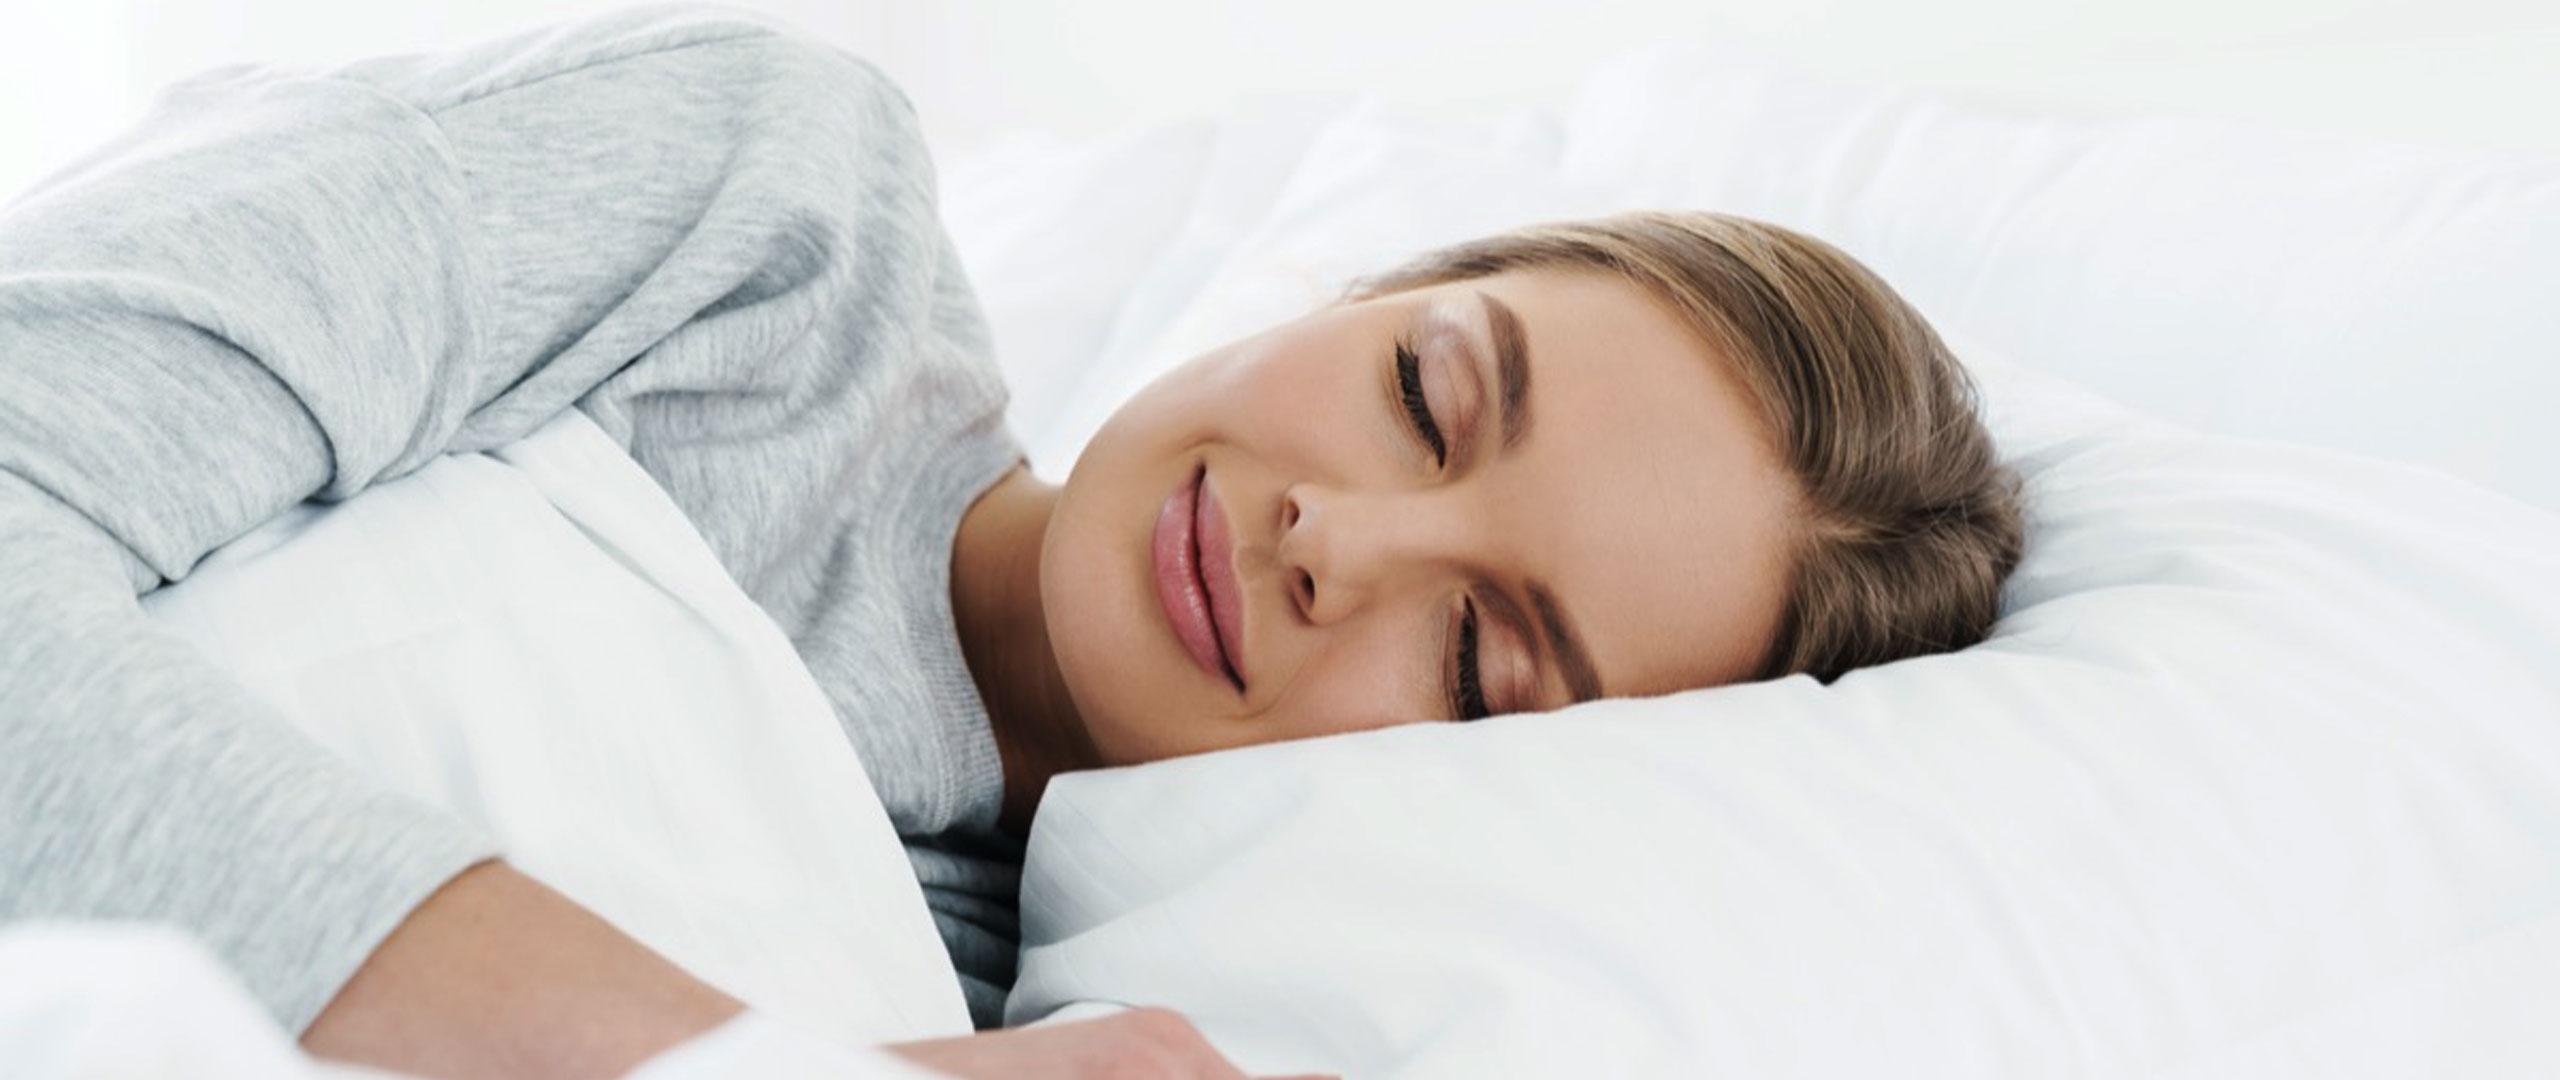 geresnis-miegas-kaip-geriau-issimeigoti-BIYOMA